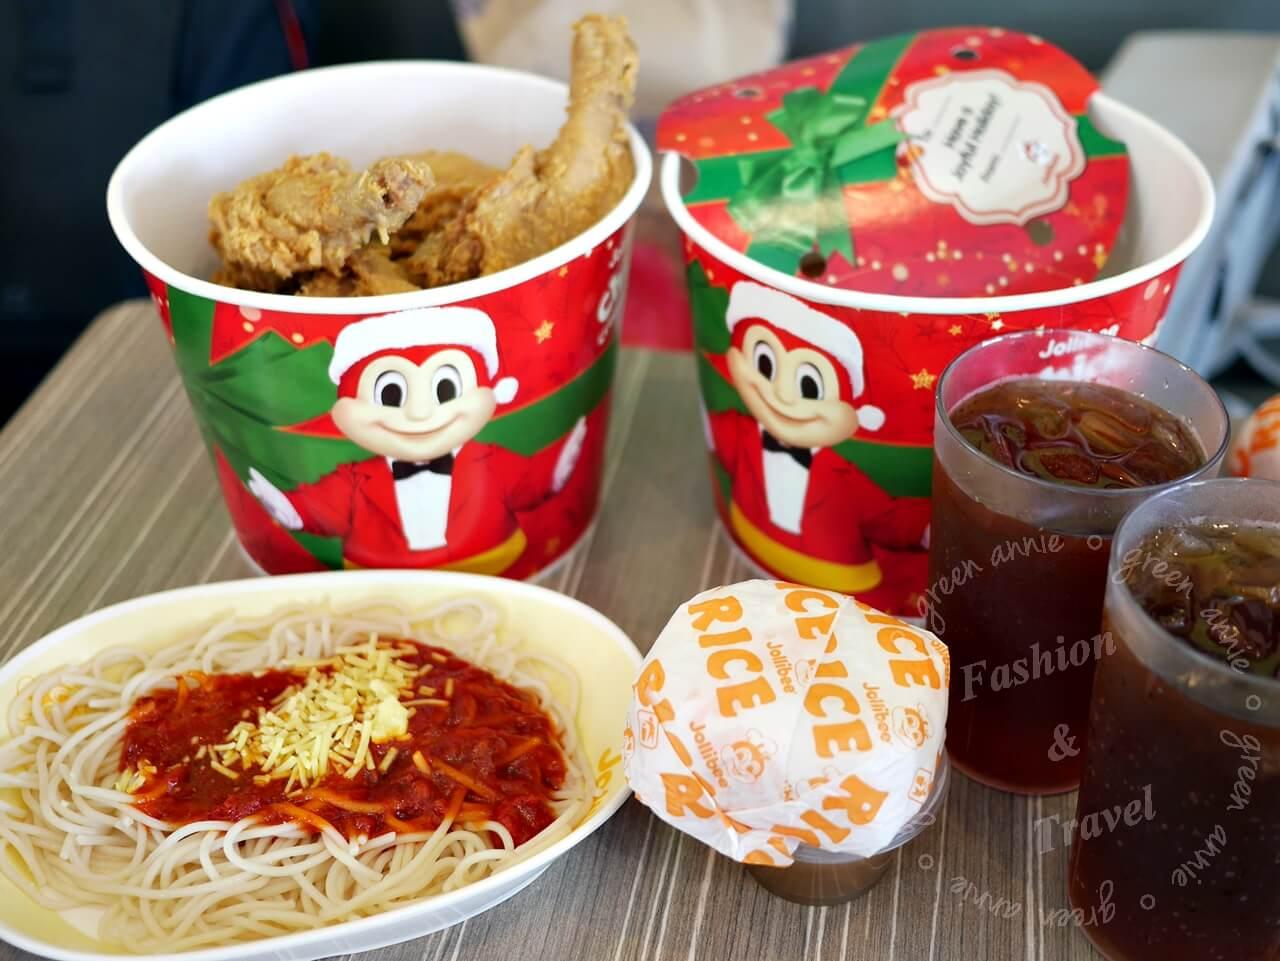 菲律賓旅遊,必吃Jollibee超美味炸雞和起士薯條